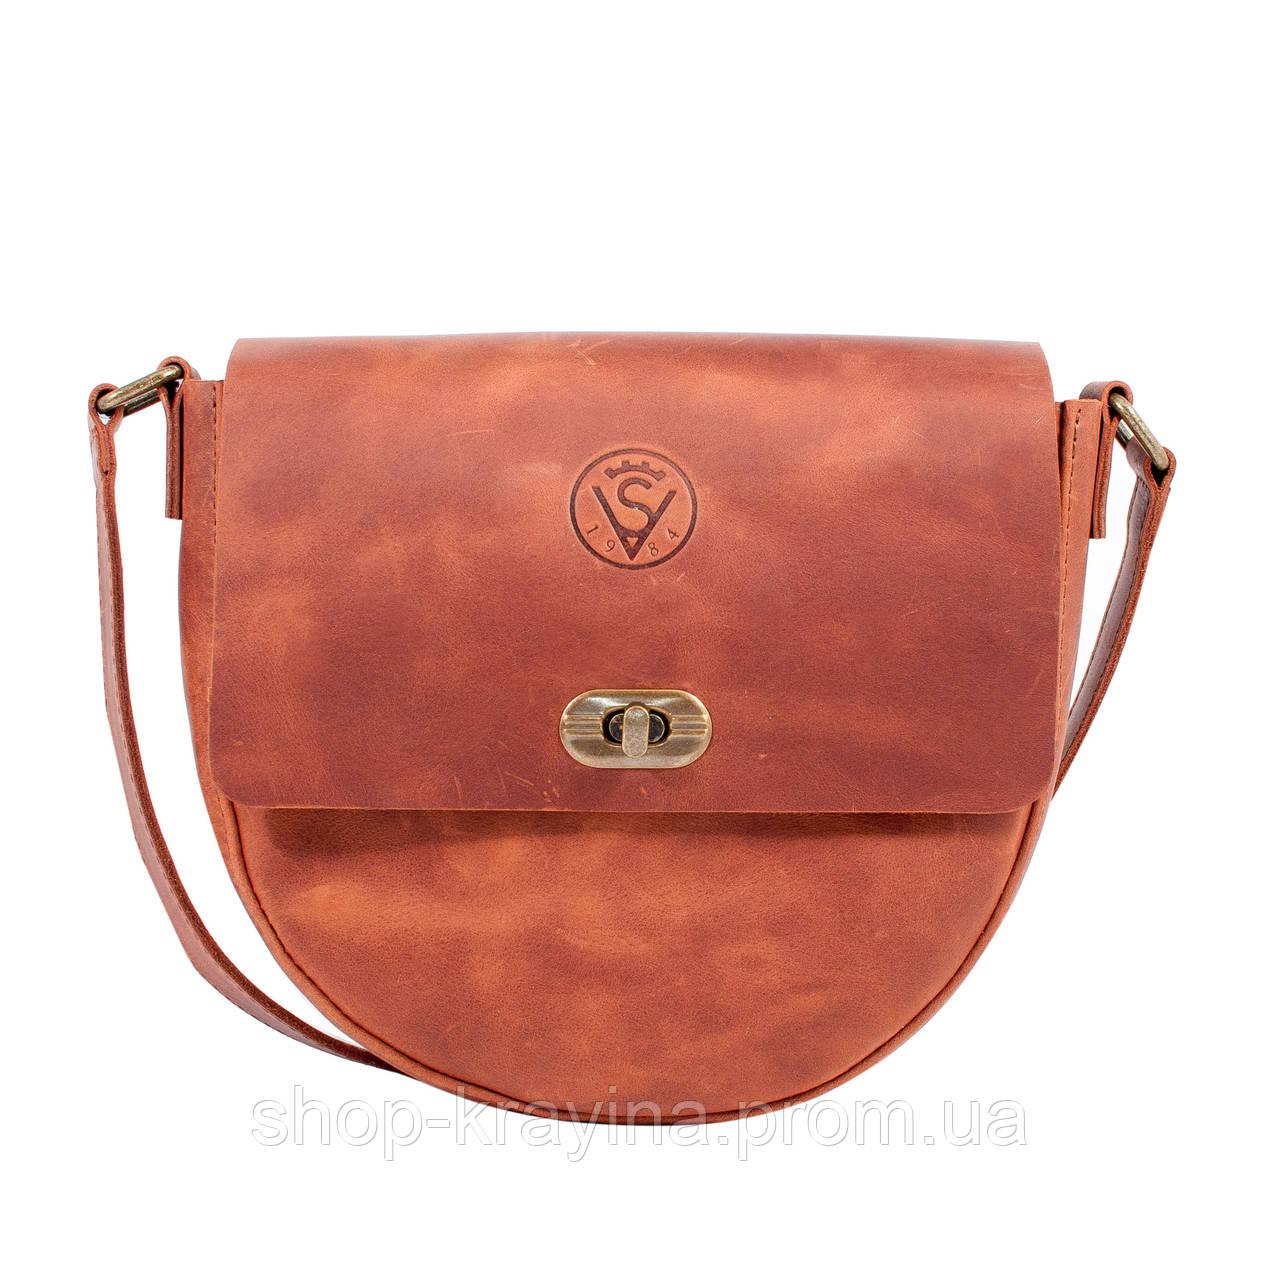 Кожаная сумка VS221  ginger 20х20х5 см